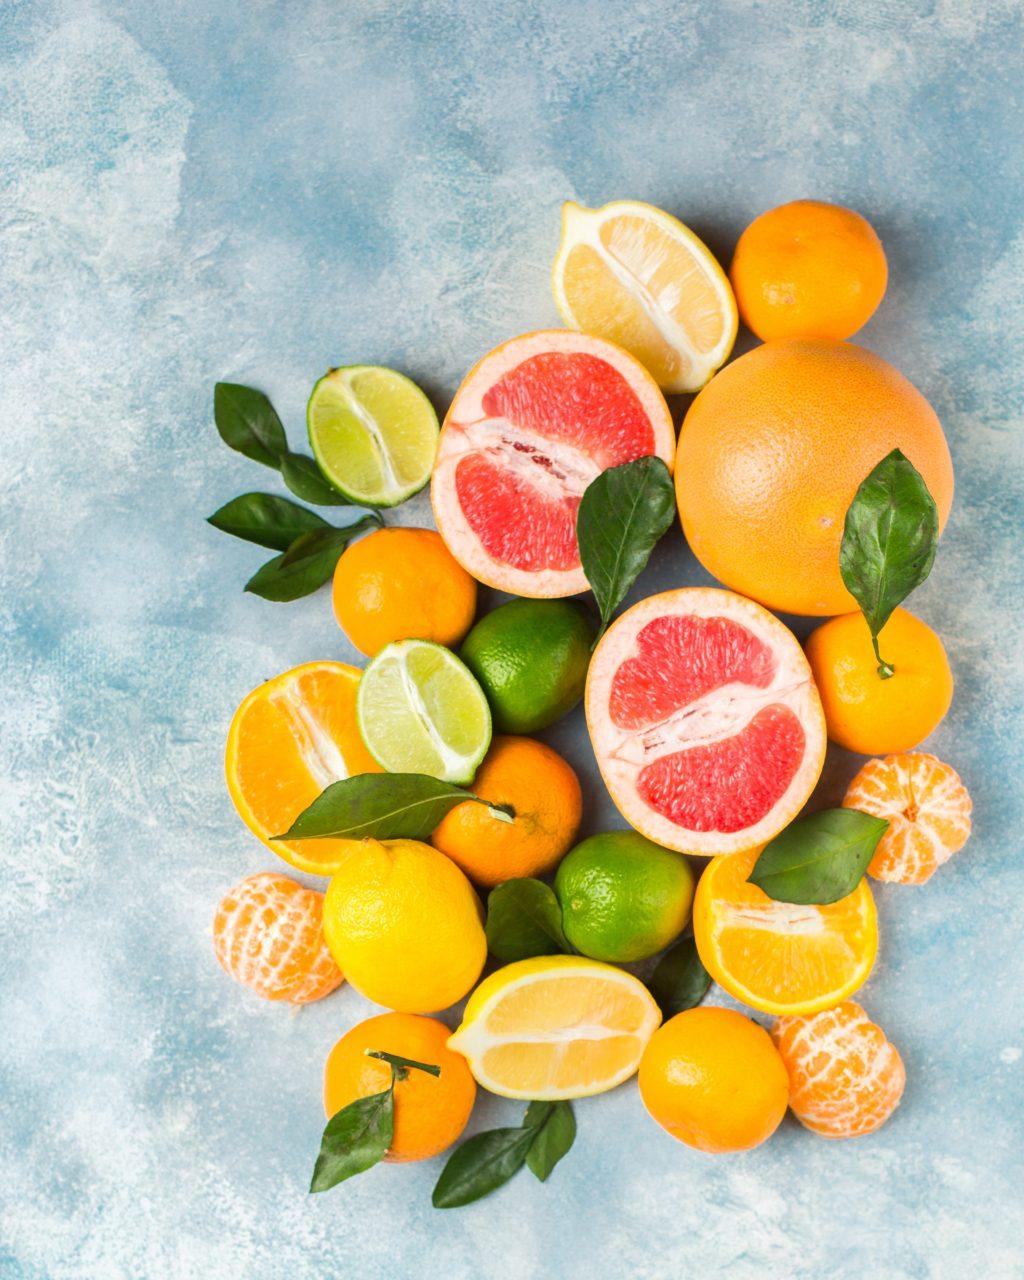 Các trái cây họ cam thường giúp bảo vệ khỏi các bênh ung thư thực quản, ung thư đại trực tràng.